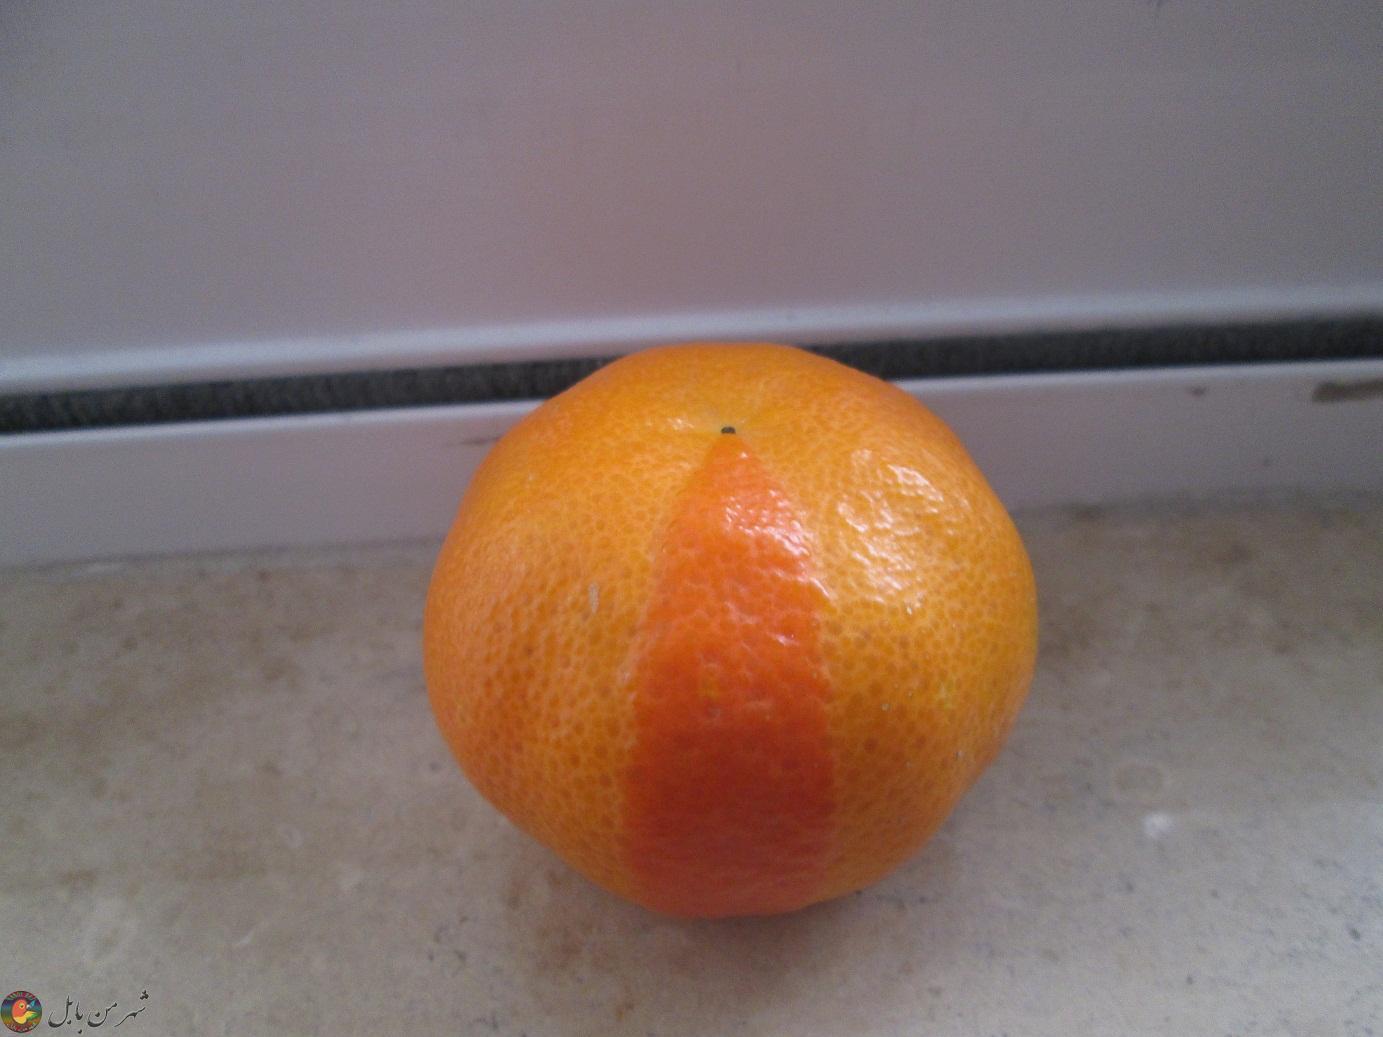 نارنگی با دو پوست متفاوت...